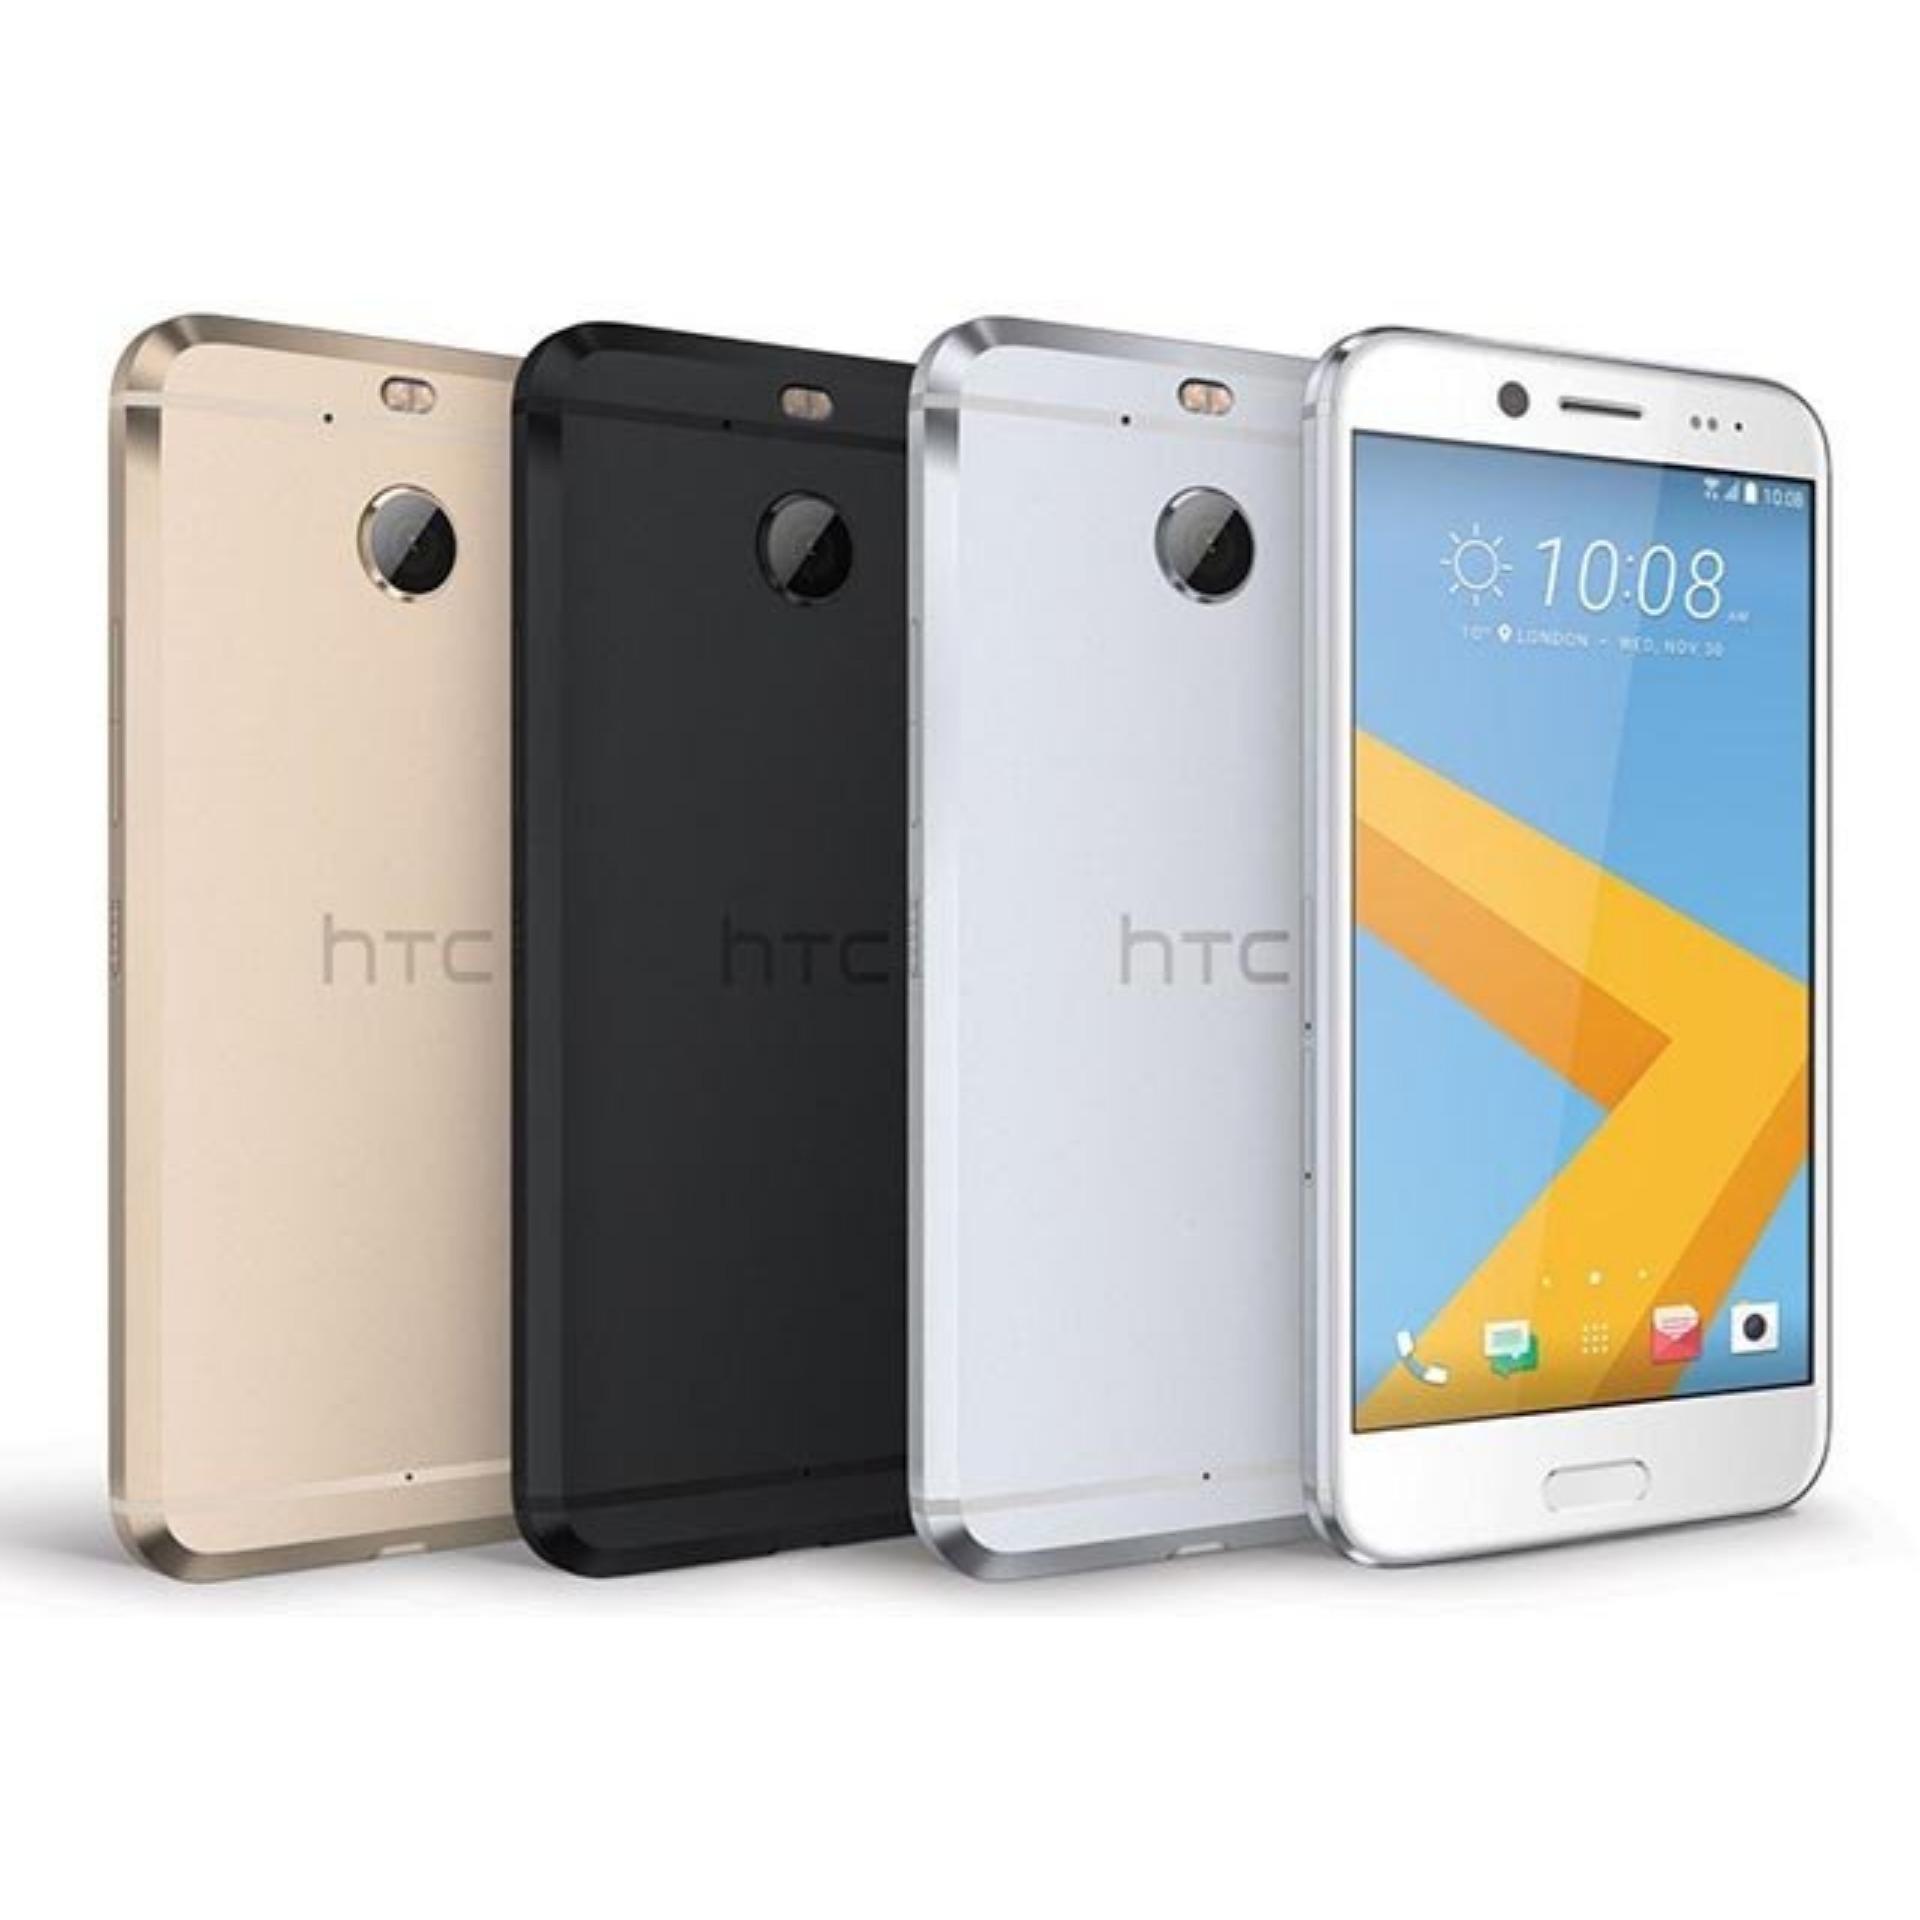 HTC 10 EVO ( BẠC TITANIUM )- RAM 3GB - ROM 32GB - HÀNG NHẬP KHẨU NGUYÊN CHIẾC